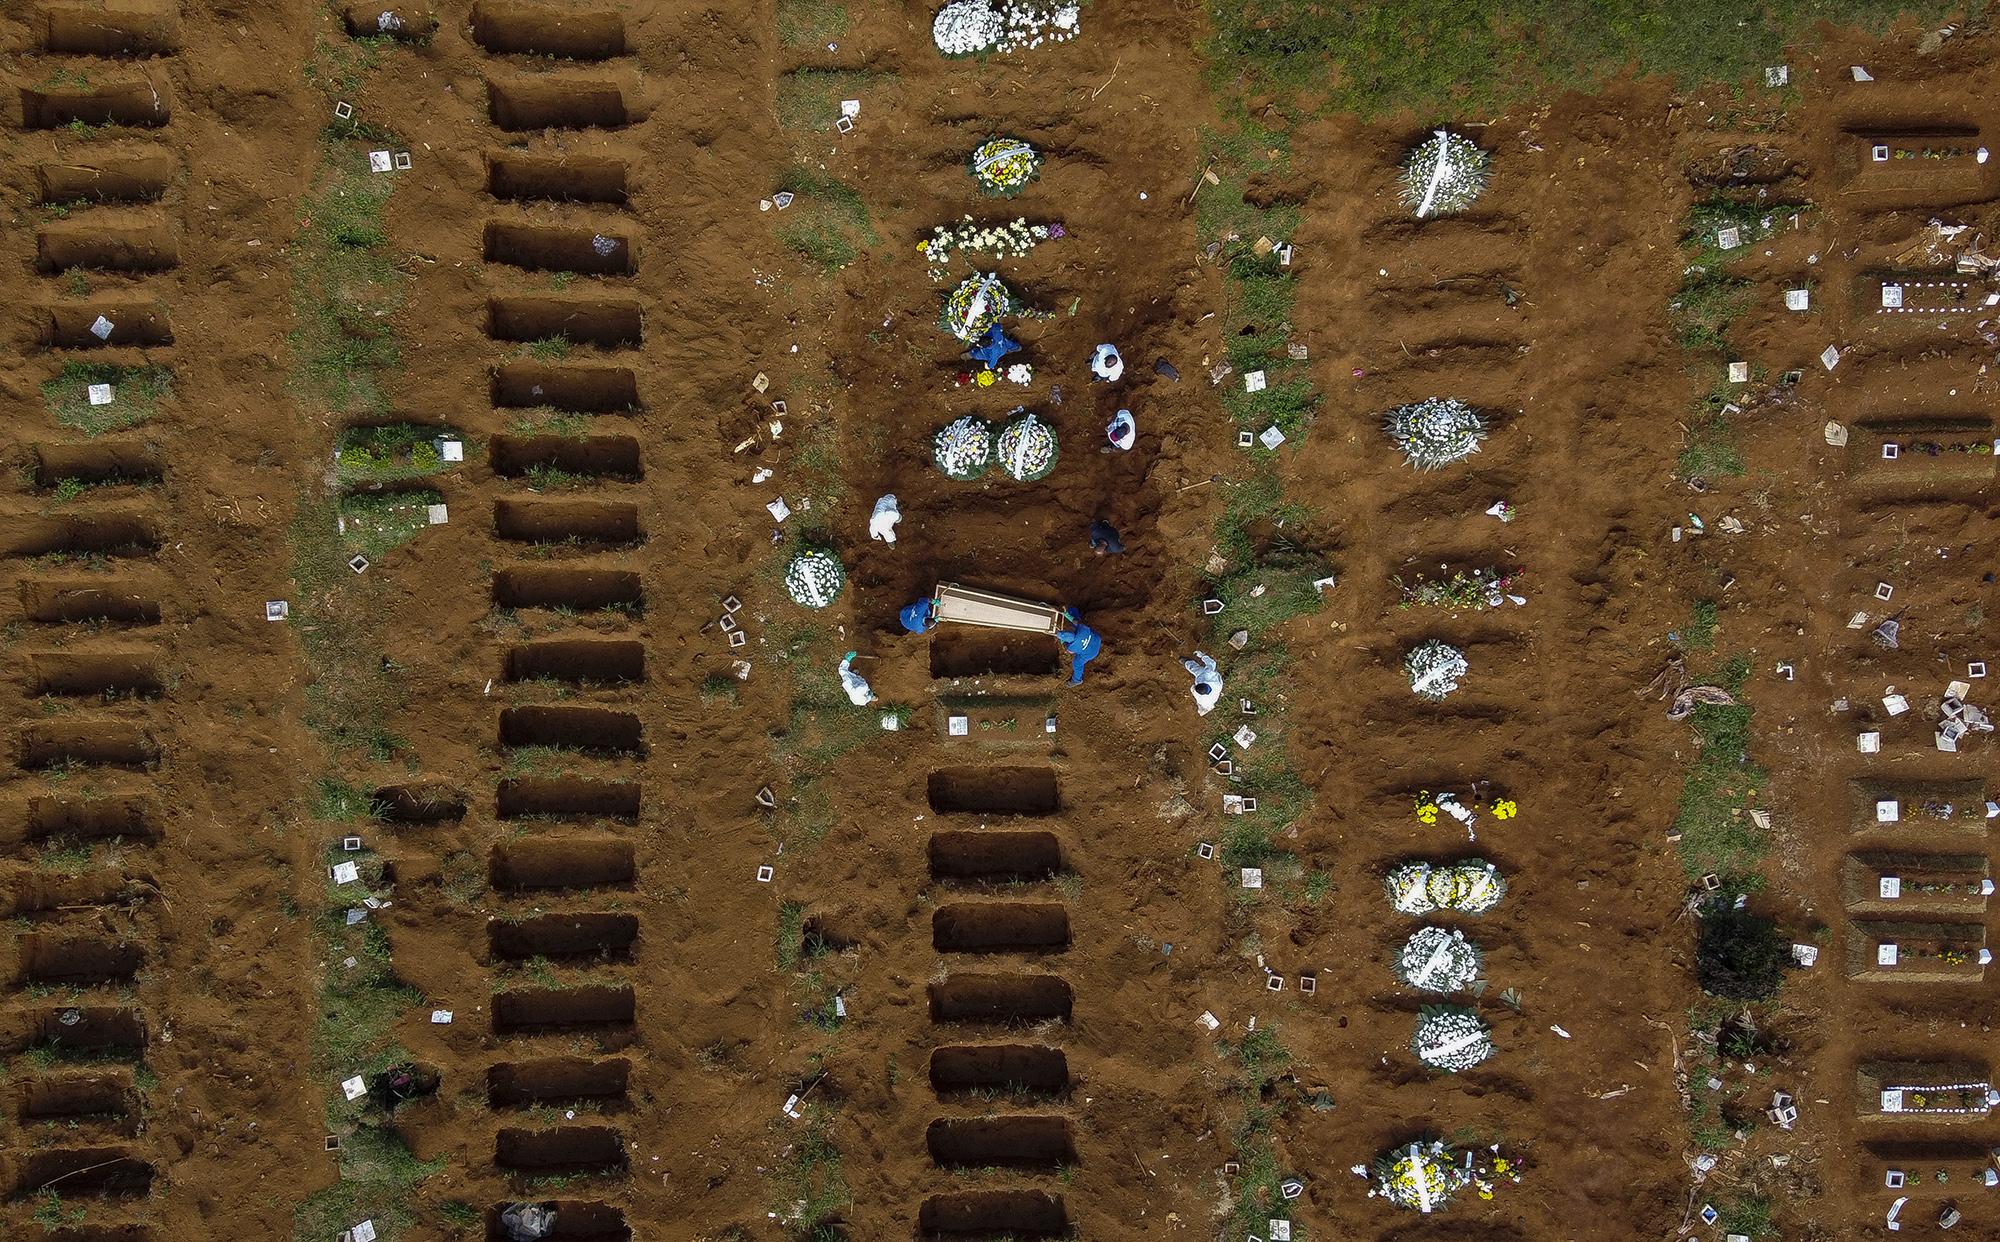 В Сан-Паулу тоже роют братские могилы, потому как накладбищах заканчиваются места.